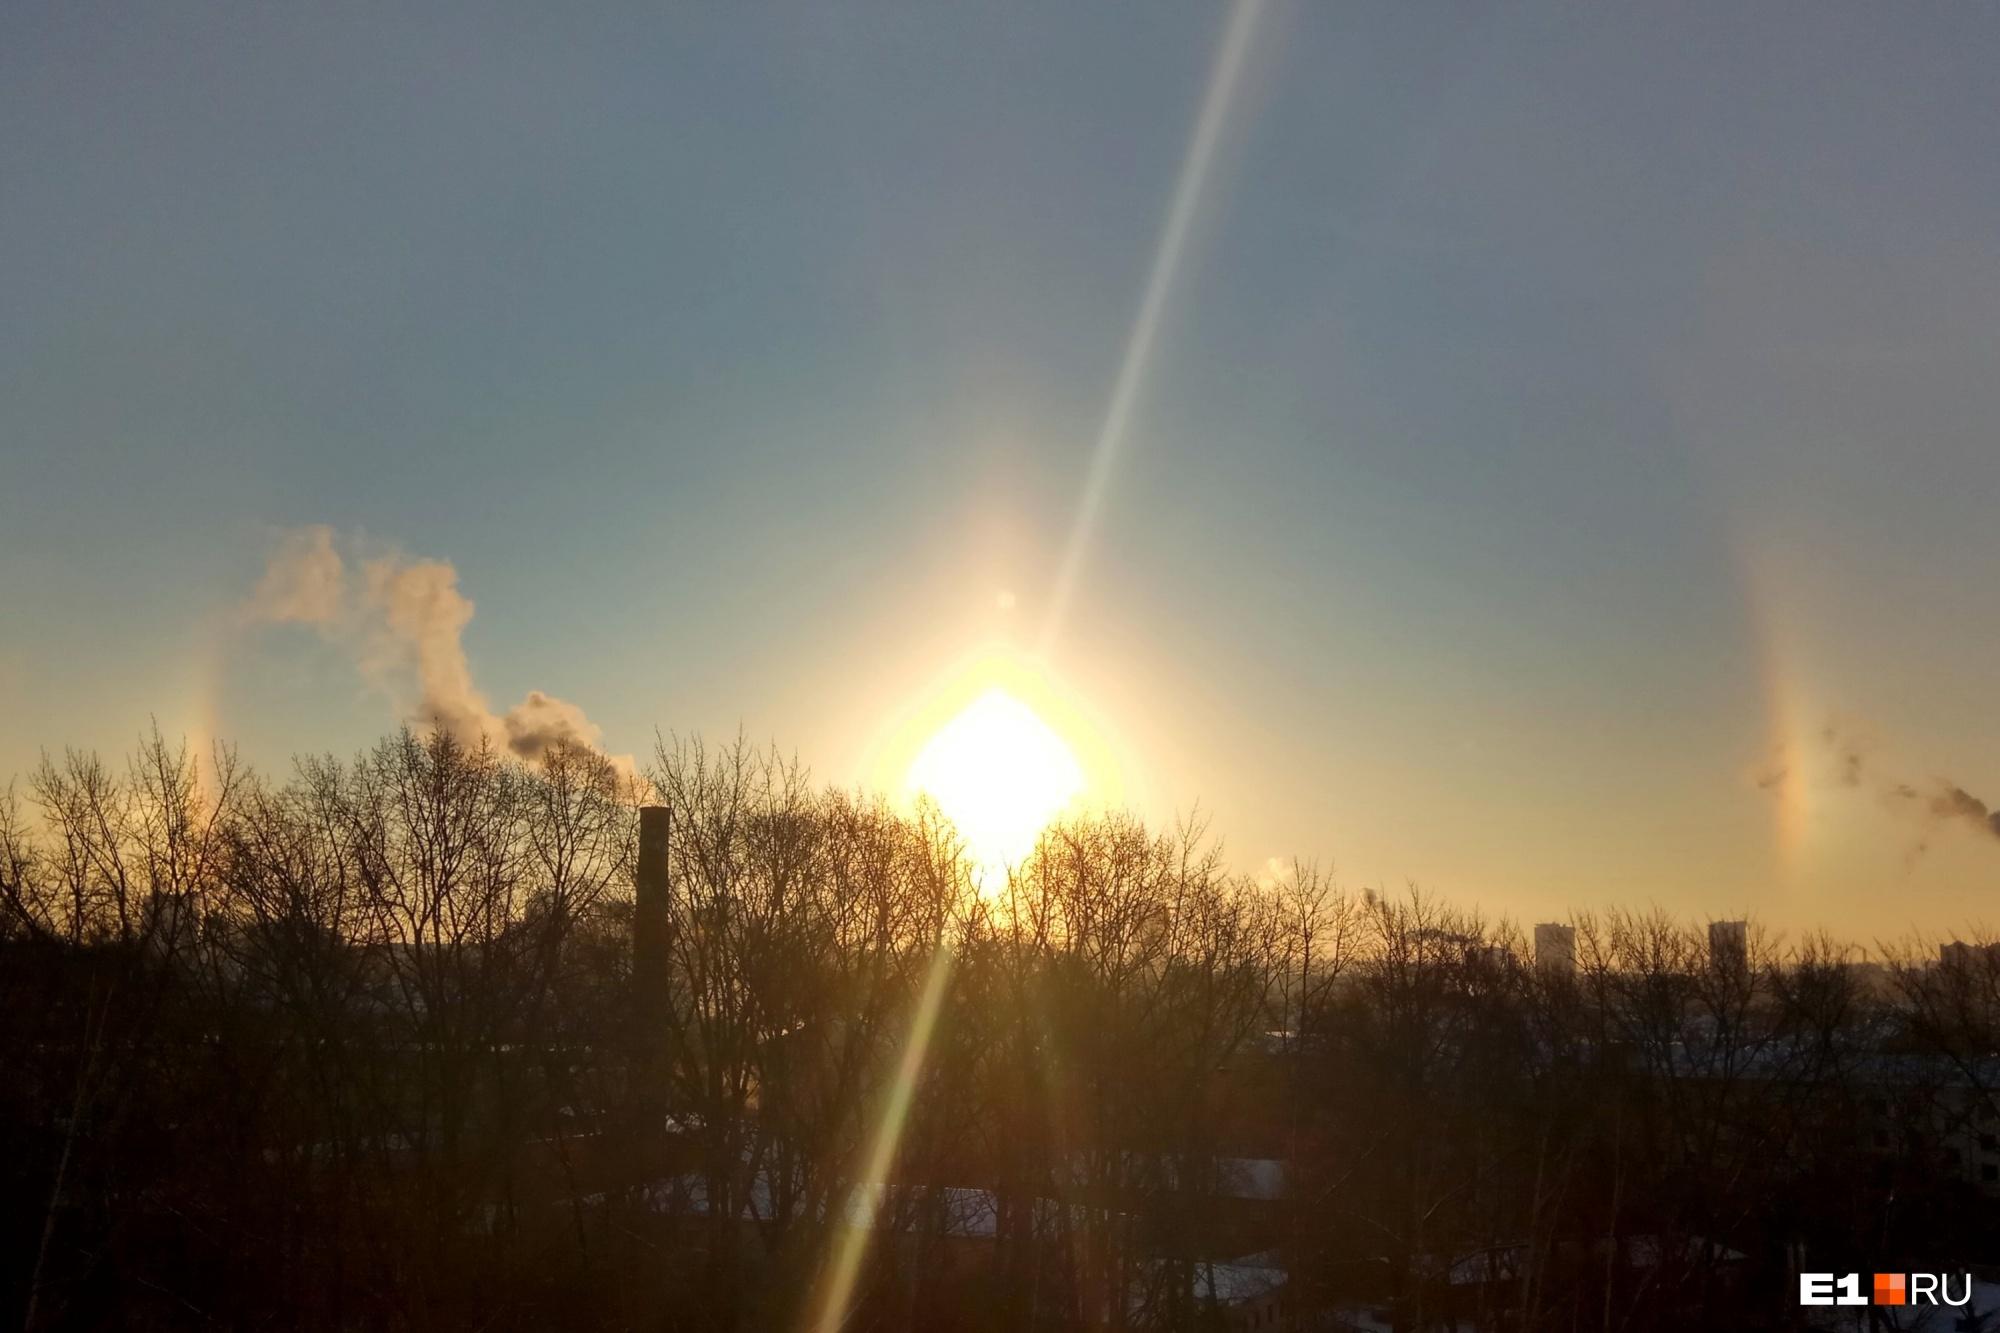 Из-за мороза екатеринбуржцы сегодня увидели два солнца